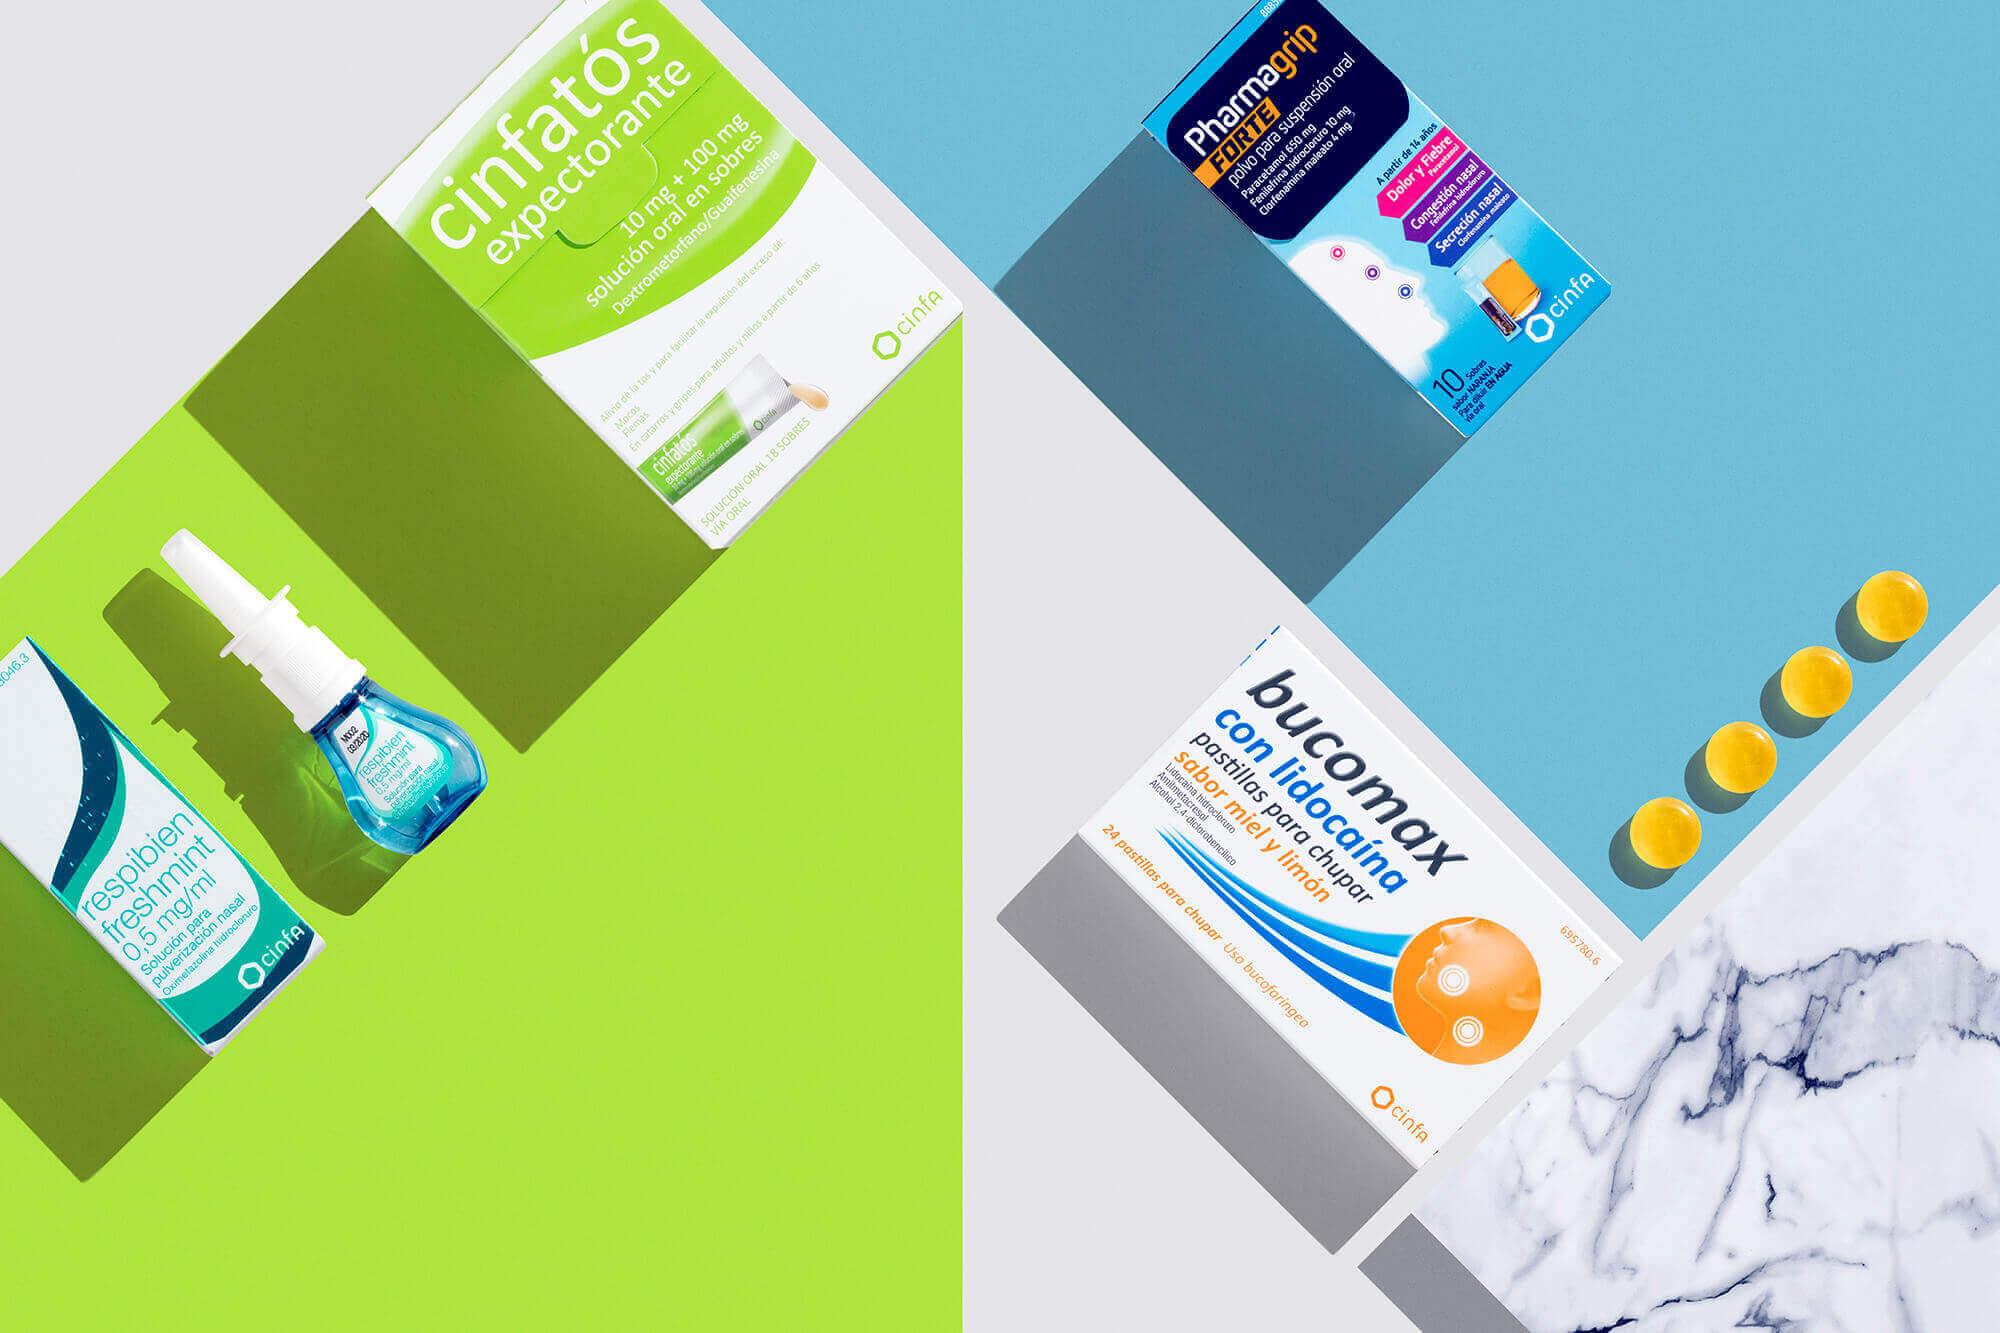 Medicamentos para el resfriado y la gripe: cinfatos, respibien, pharmagrip